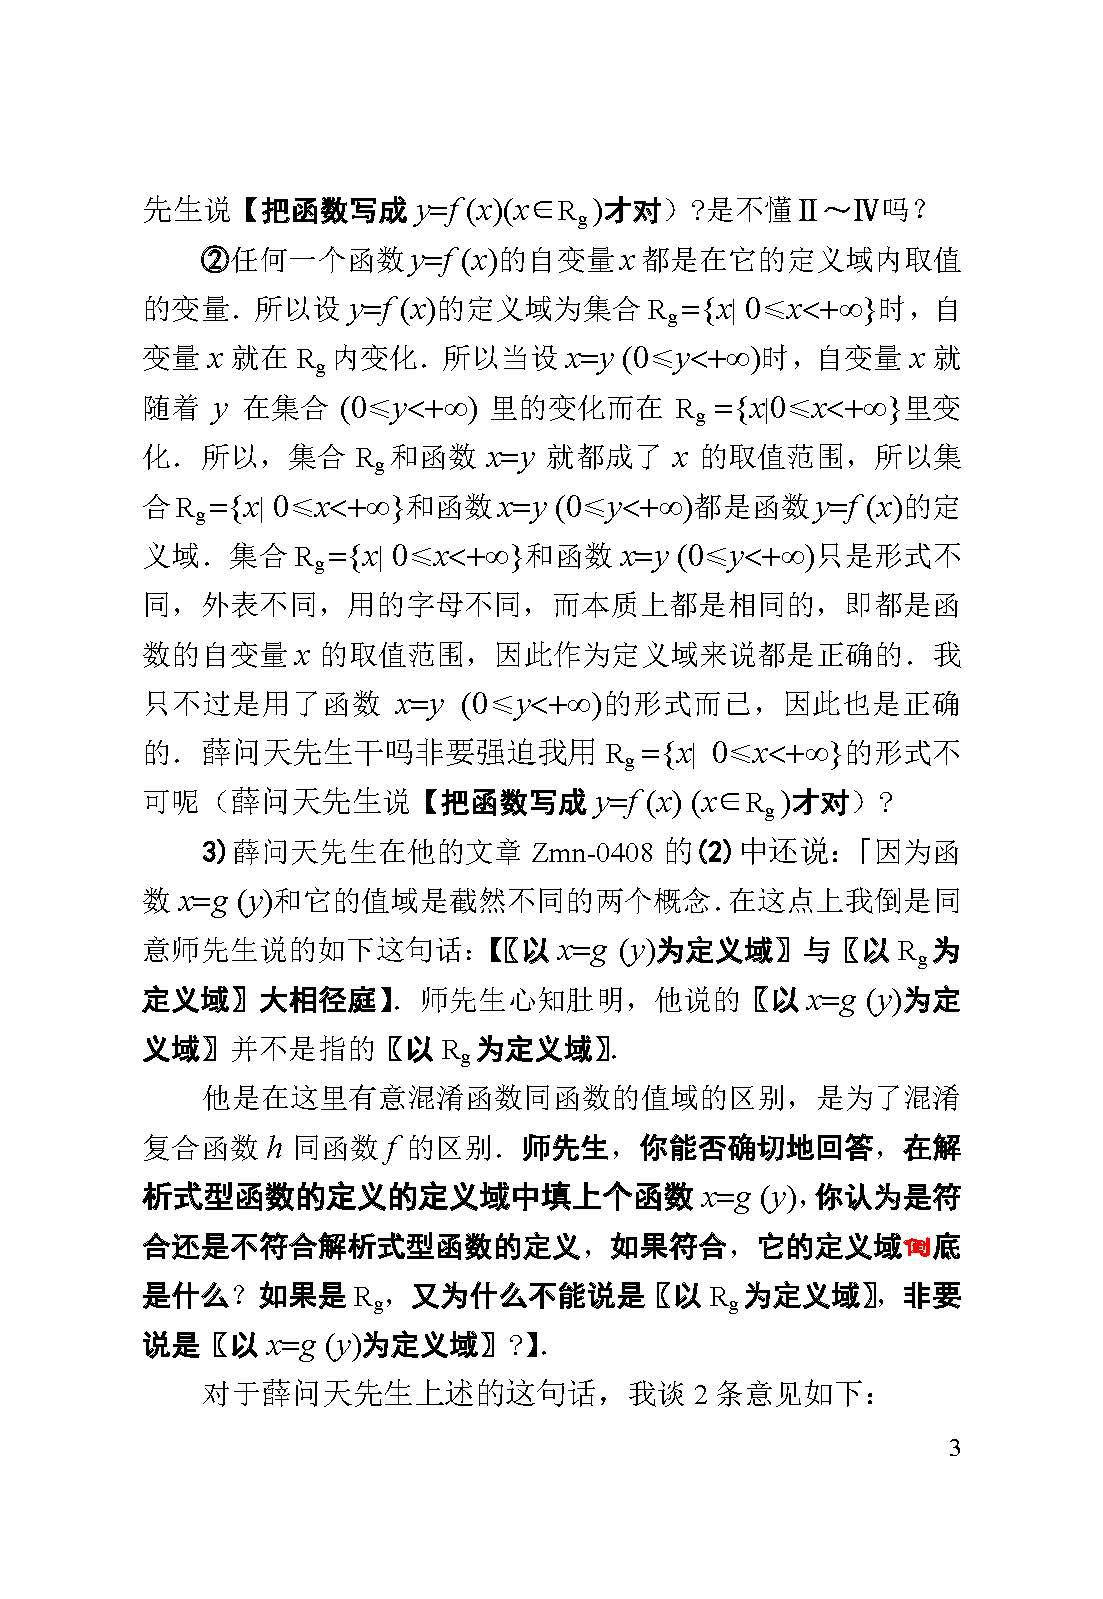 评薛问天先生的文章0408_页面_03.jpg